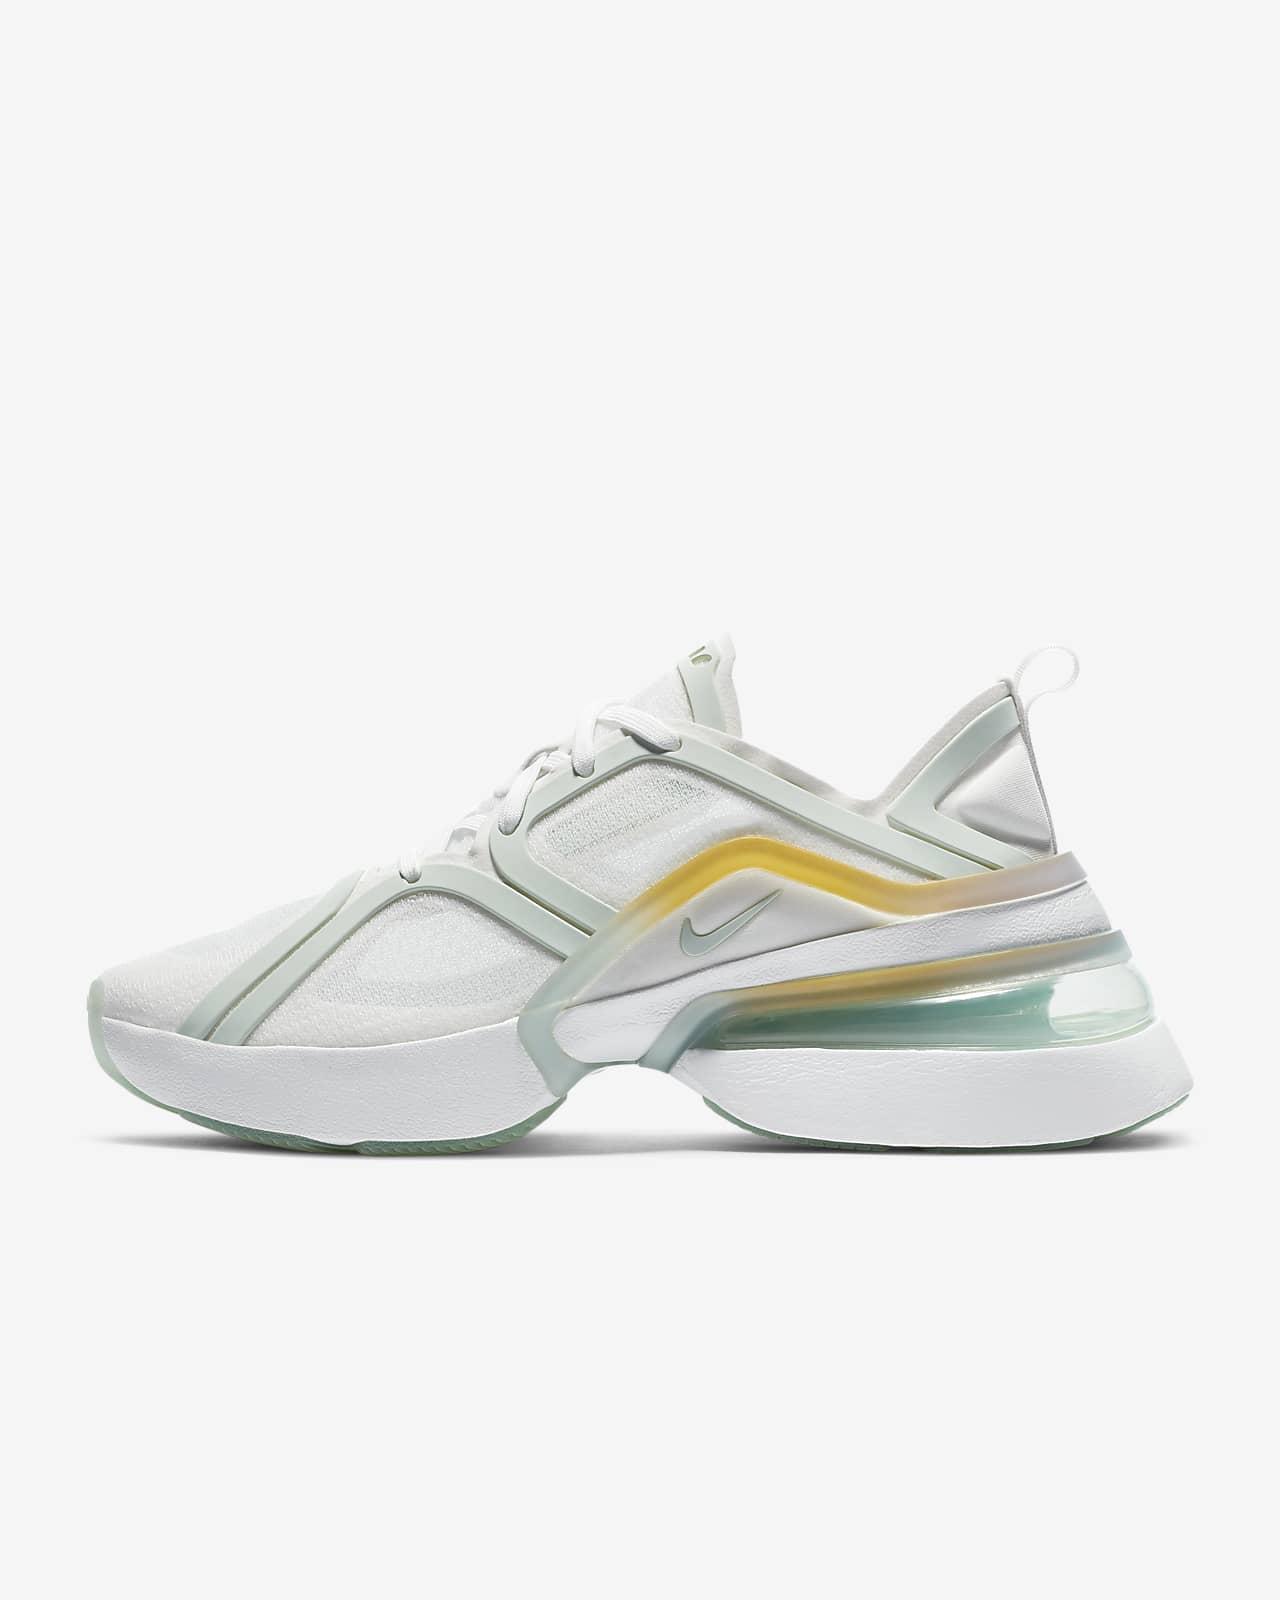 Nike Air Max 270 XX Women's Shoe. Nike LU